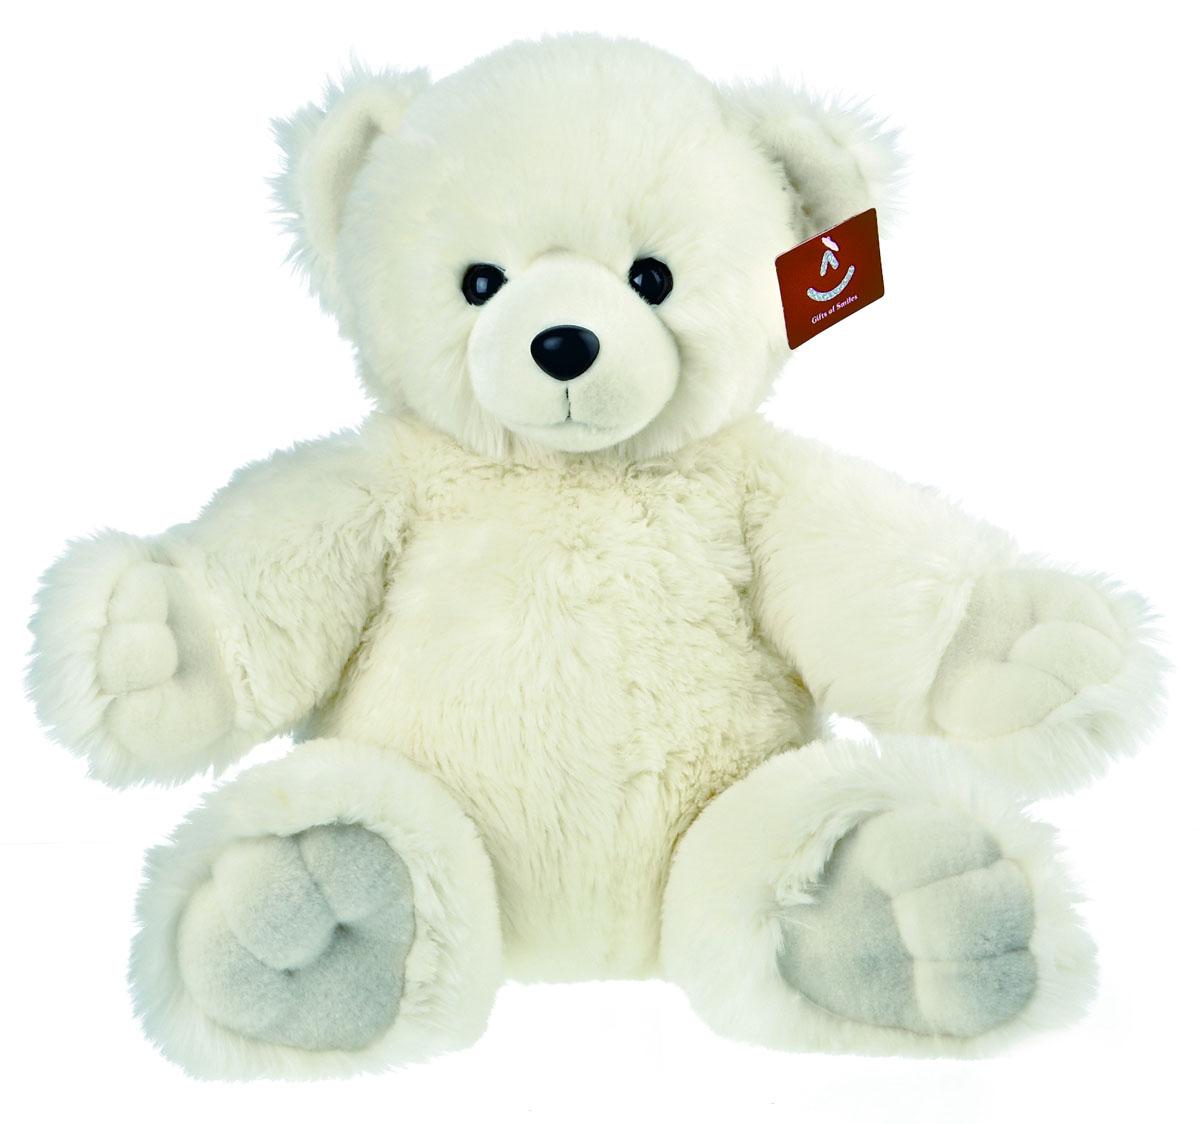 Мягкая игрушка Медведь. Обними меня, цвет: белый, 72 см68-610Очаровательная мягкая игрушка Медведь. Обними меня, выполненная в виде медвежонка белого цвета, вызовет умиление и улыбку у каждого, кто ее увидит. Удивительно мягкая игрушка принесет радость и подарит своему обладателю мгновения нежных объятий и приятных воспоминаний. Она выполнена из высококачественного искусственного меха с набивкой из гипоаллергенного синтепона. Великолепное качество исполнения делают эту игрушку чудесным подарком к любому празднику. Характеристики: Высота игрушки: 72 см. Высота игрушки в сидячем положении: 47 см. Материал игрушки: искусственный мех, текстиль, пластик. Материал набивки: синтепон. Изготовитель: Индонезия.